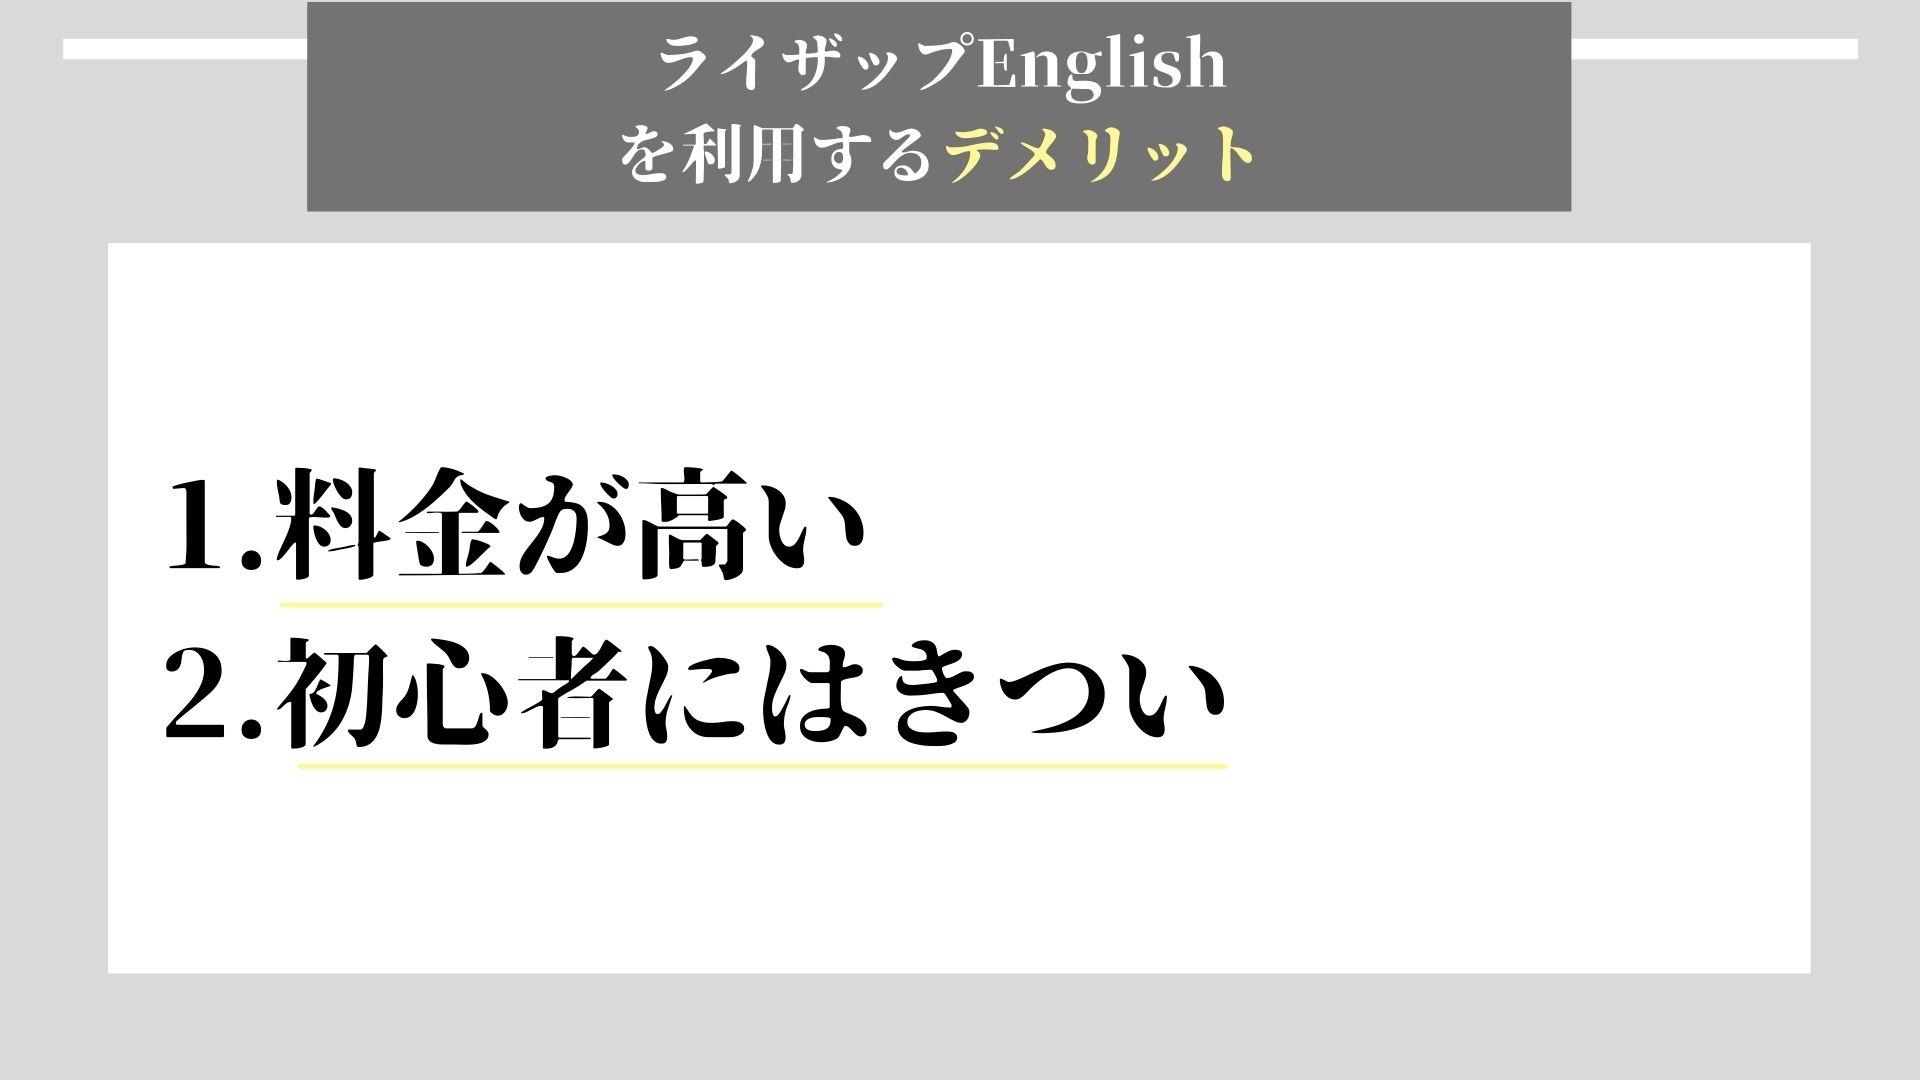 ライザップEnglish デメリット